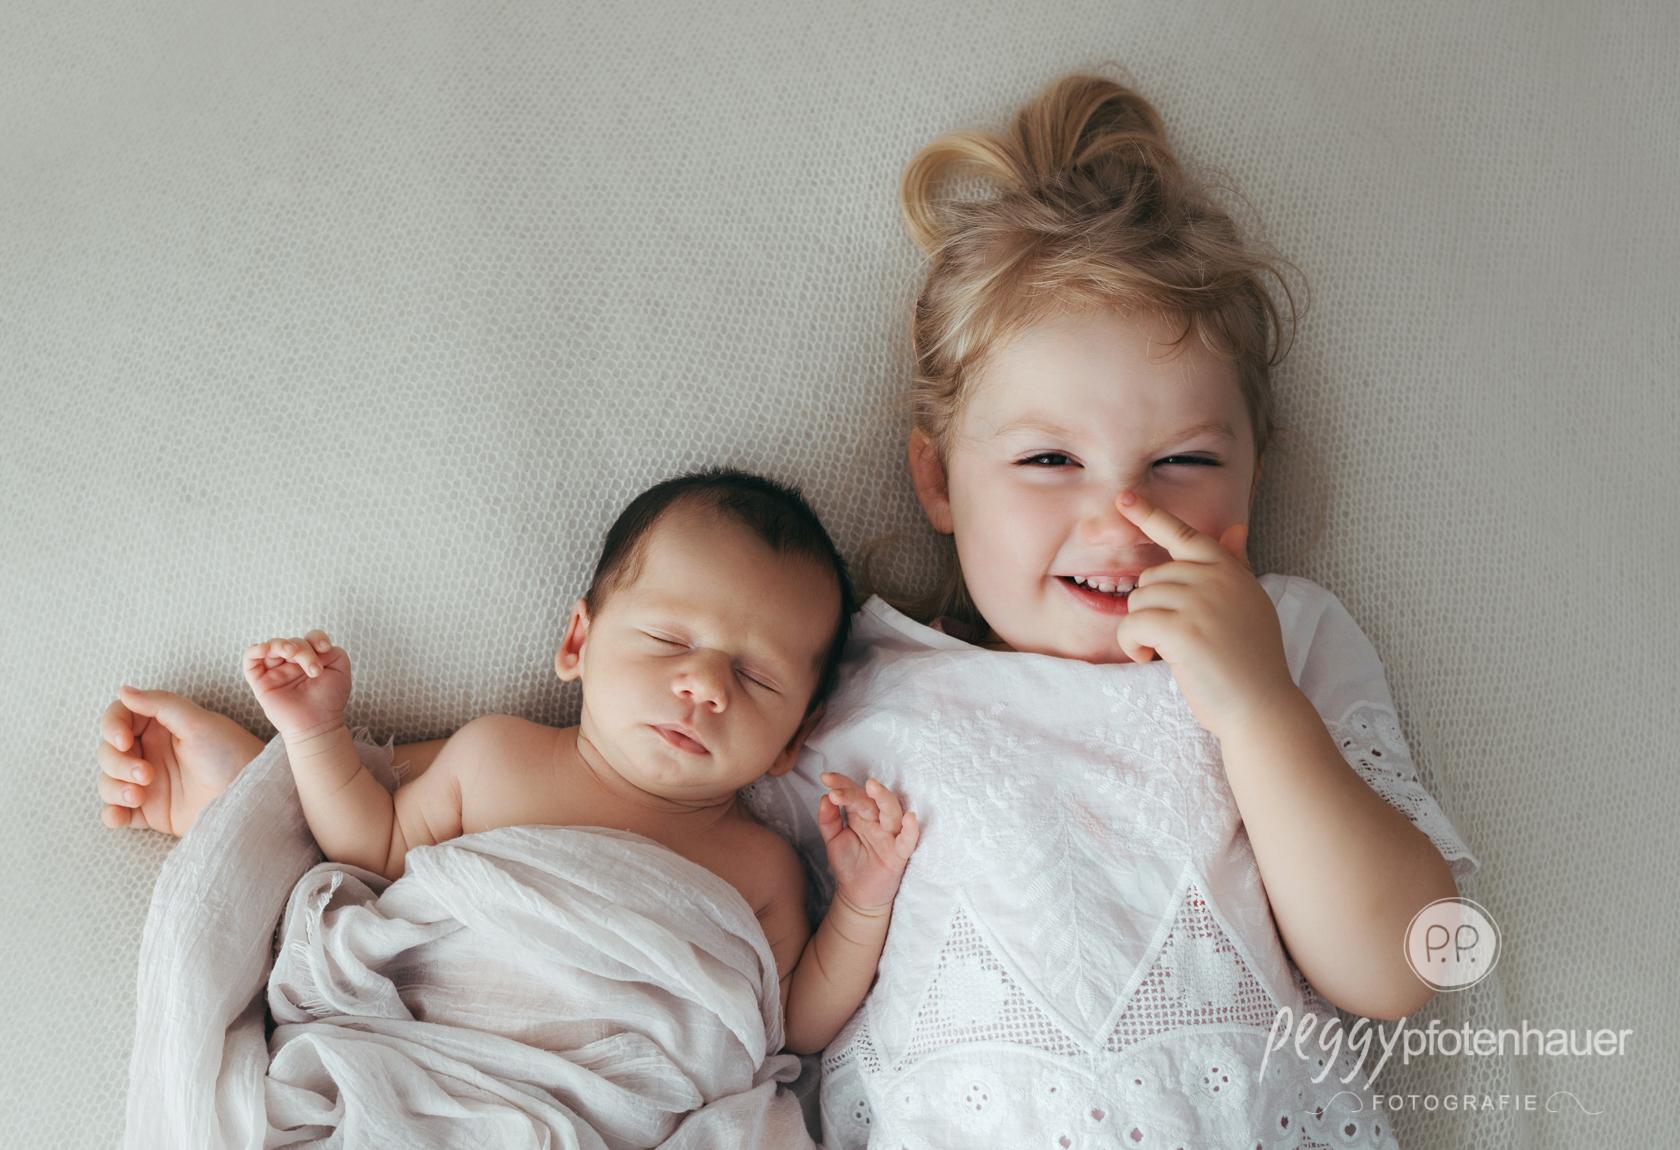 Babybilder mit Geschwistern